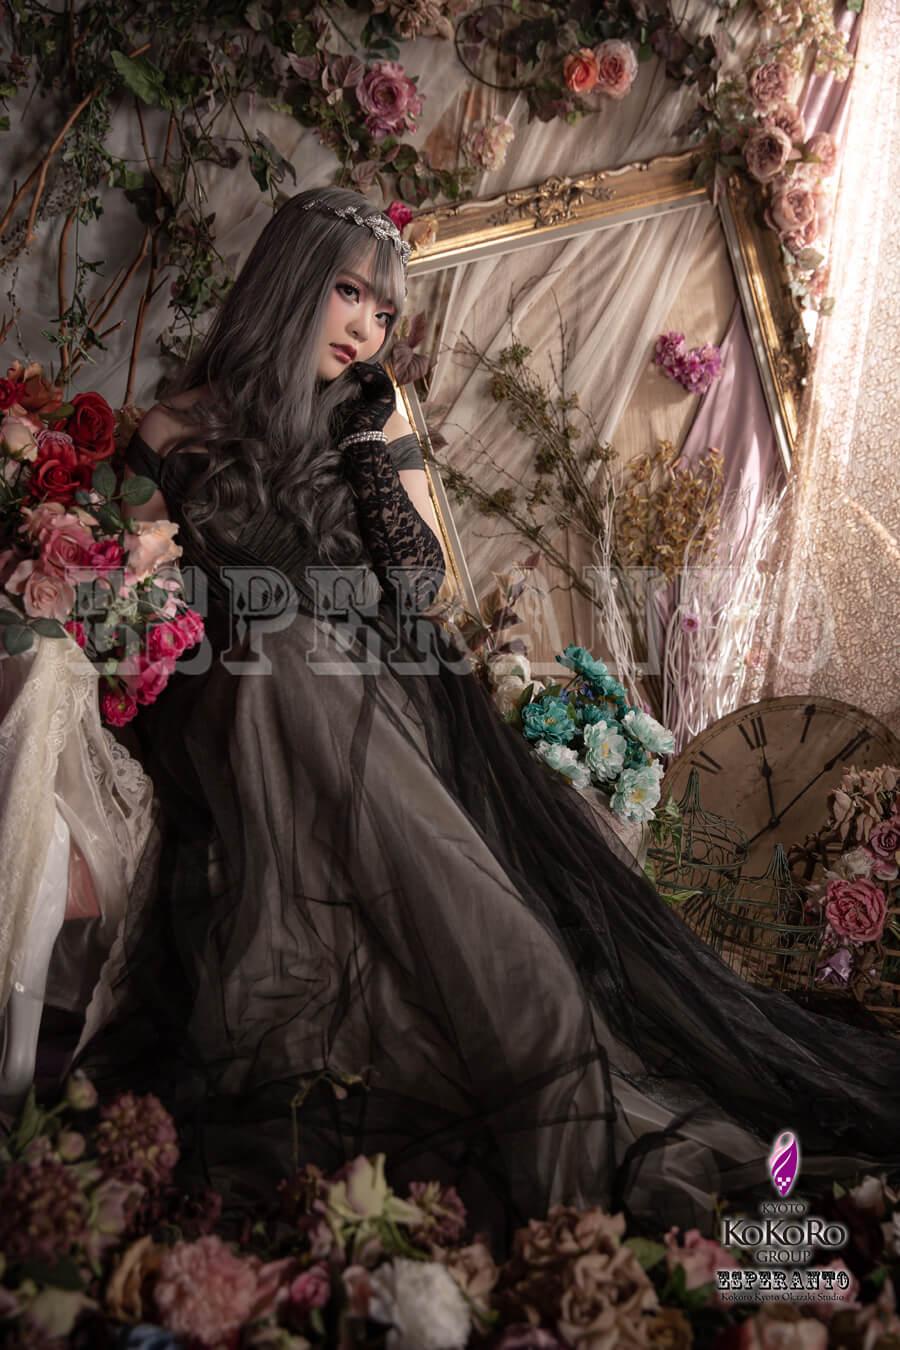 ドレス変身写真